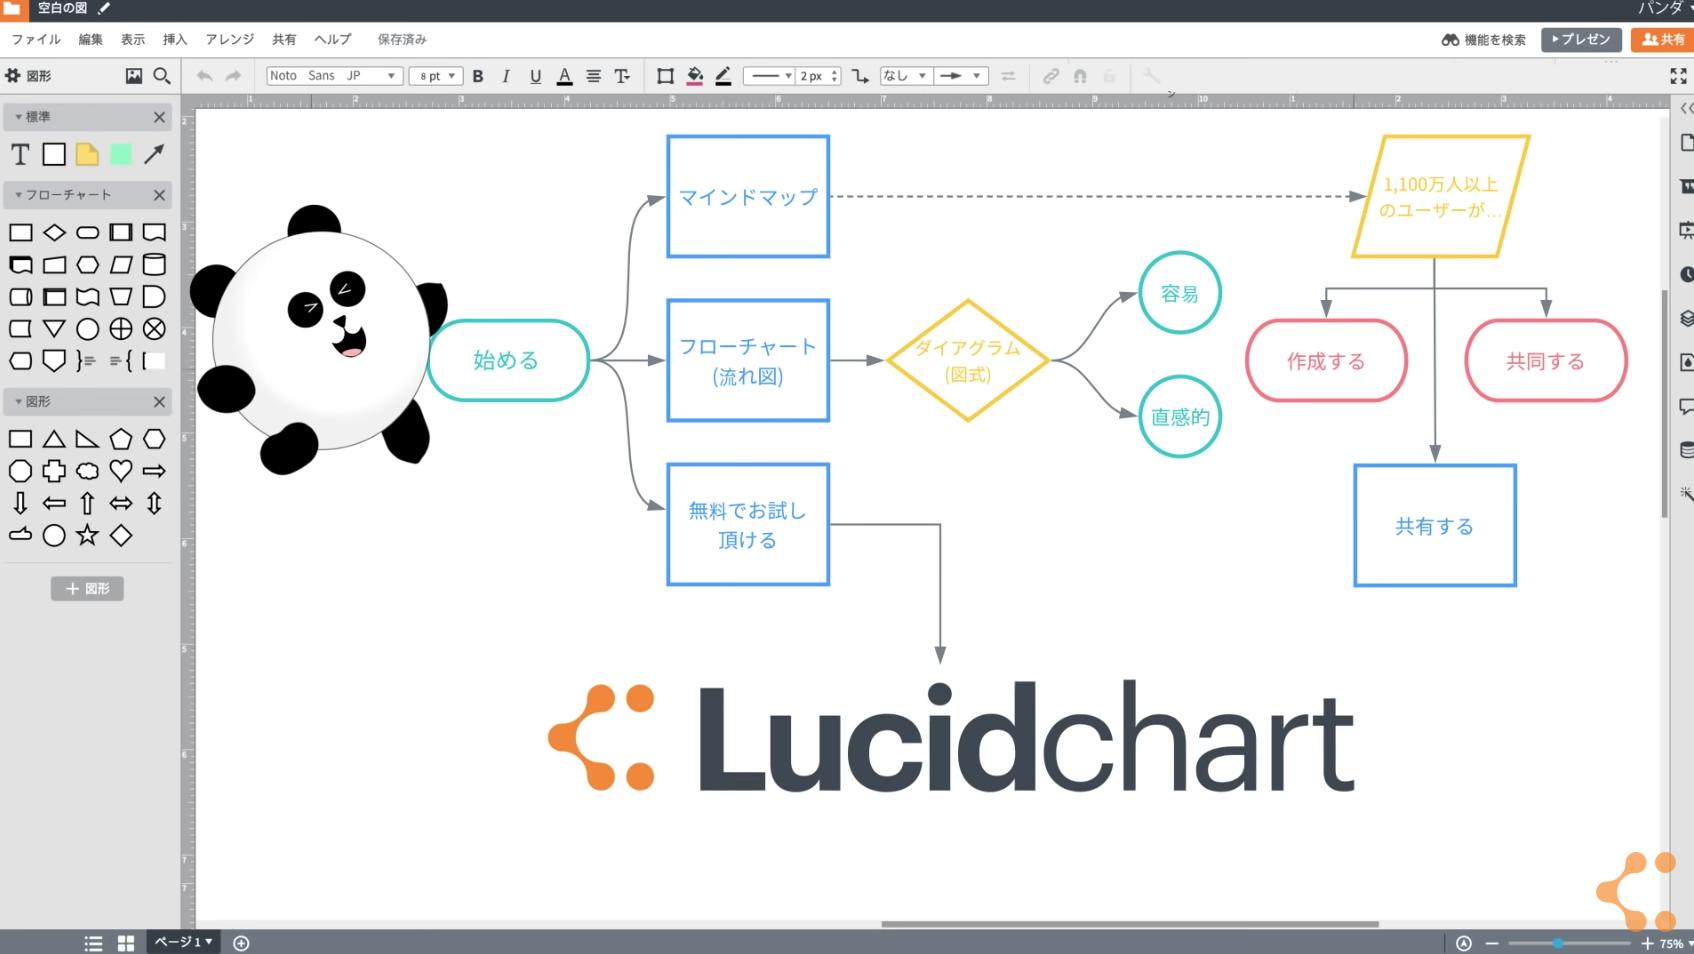 Lucidchart当番表メーカー